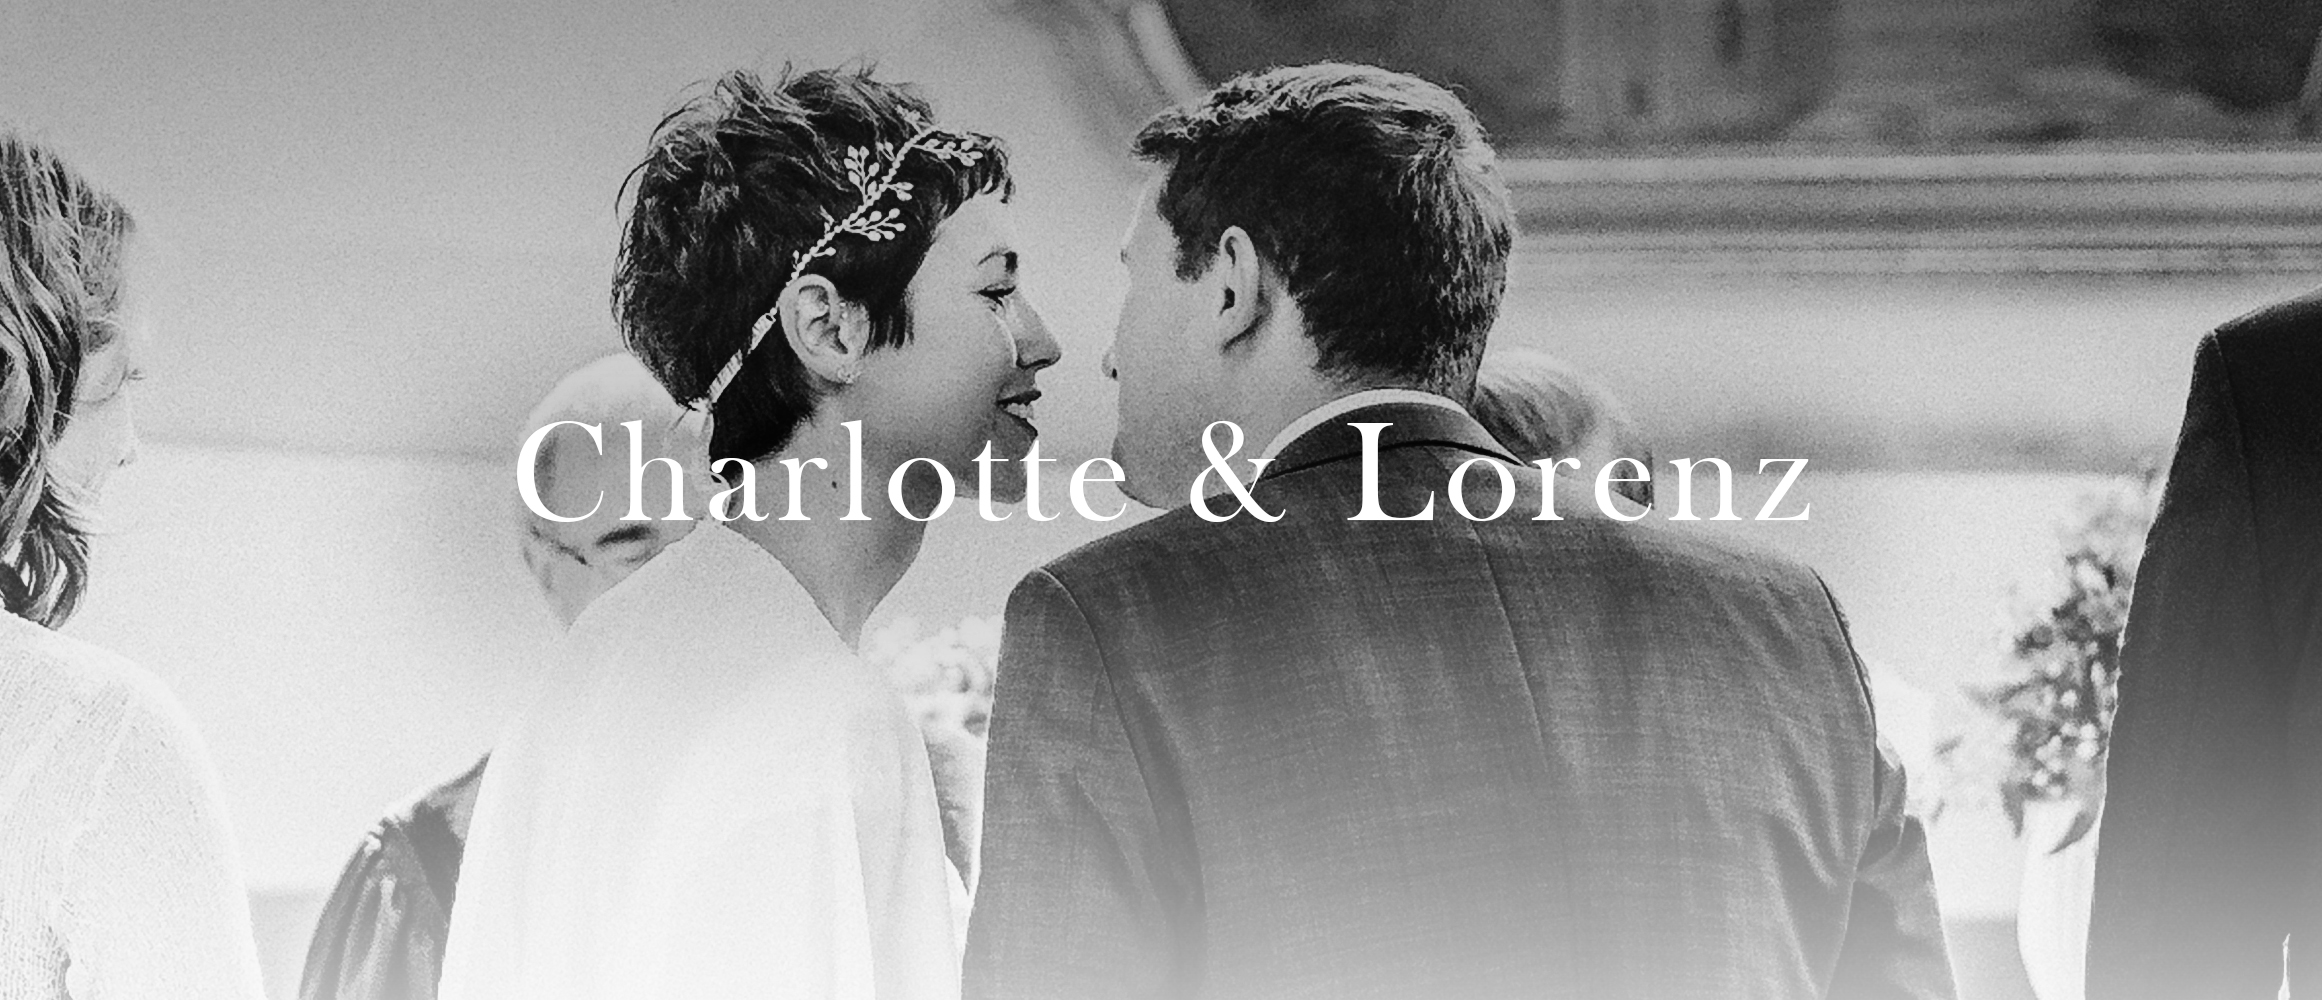 Charlotte und Lorenz 3